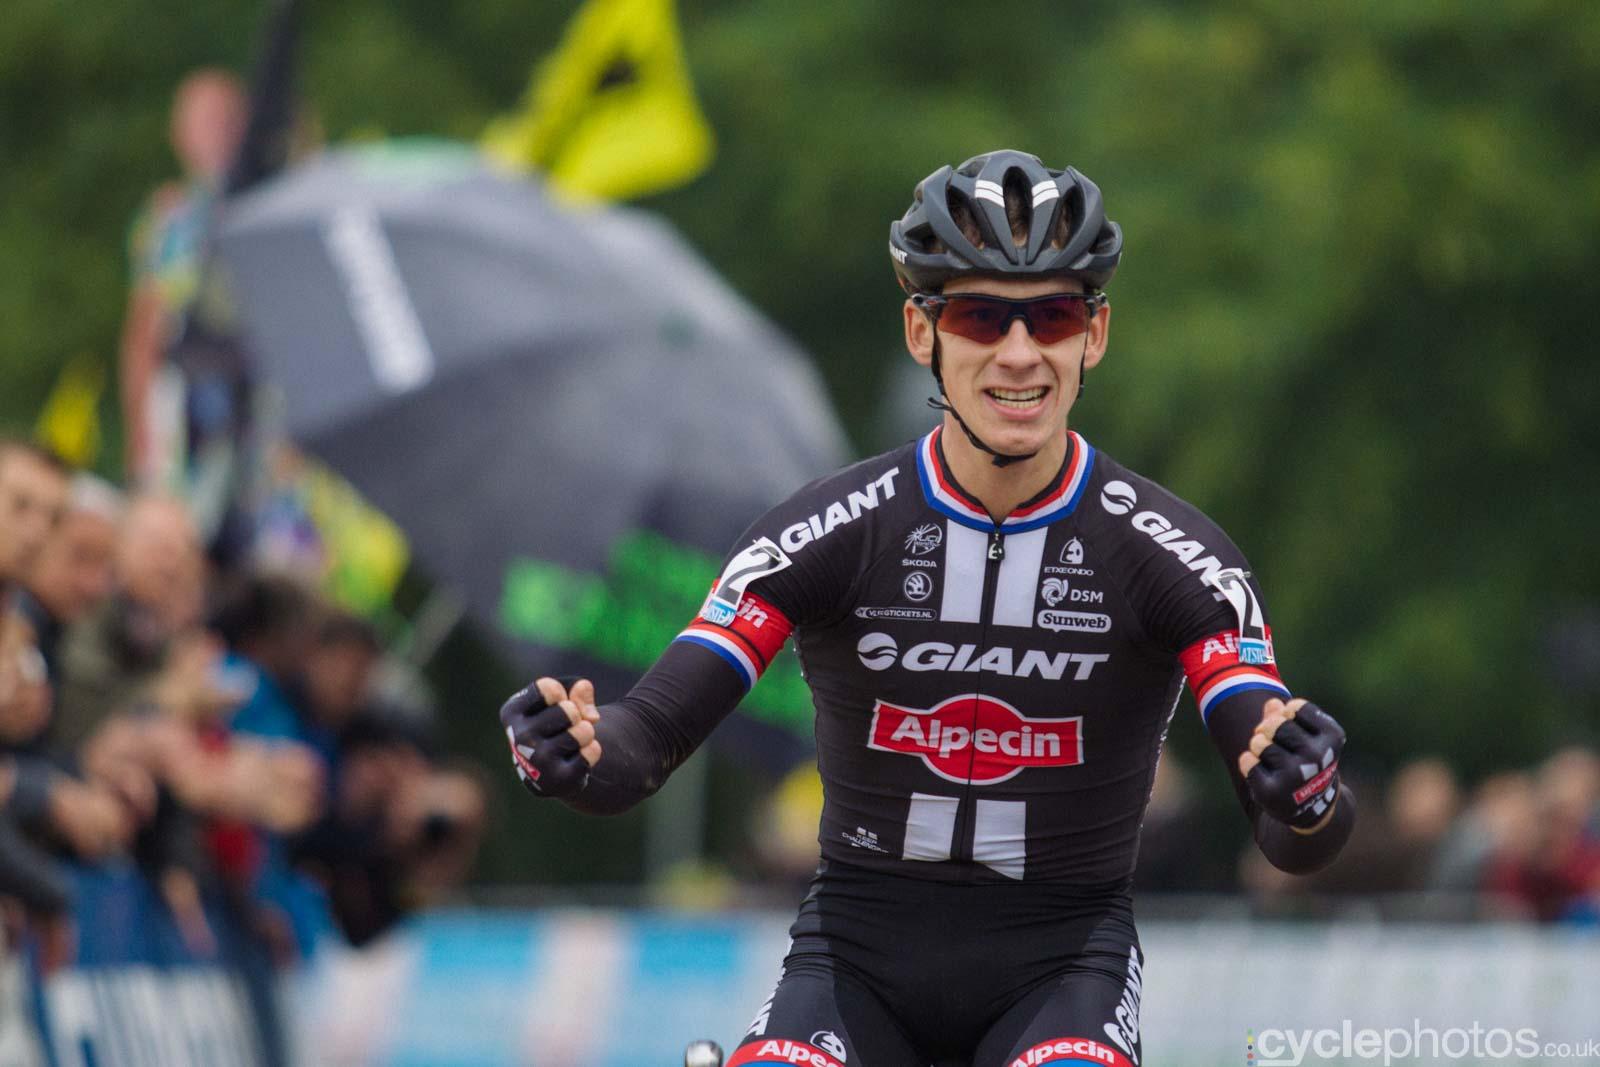 2015-cyclephotos-cyclocross-valkenburg-160625-lars-van-der-haar